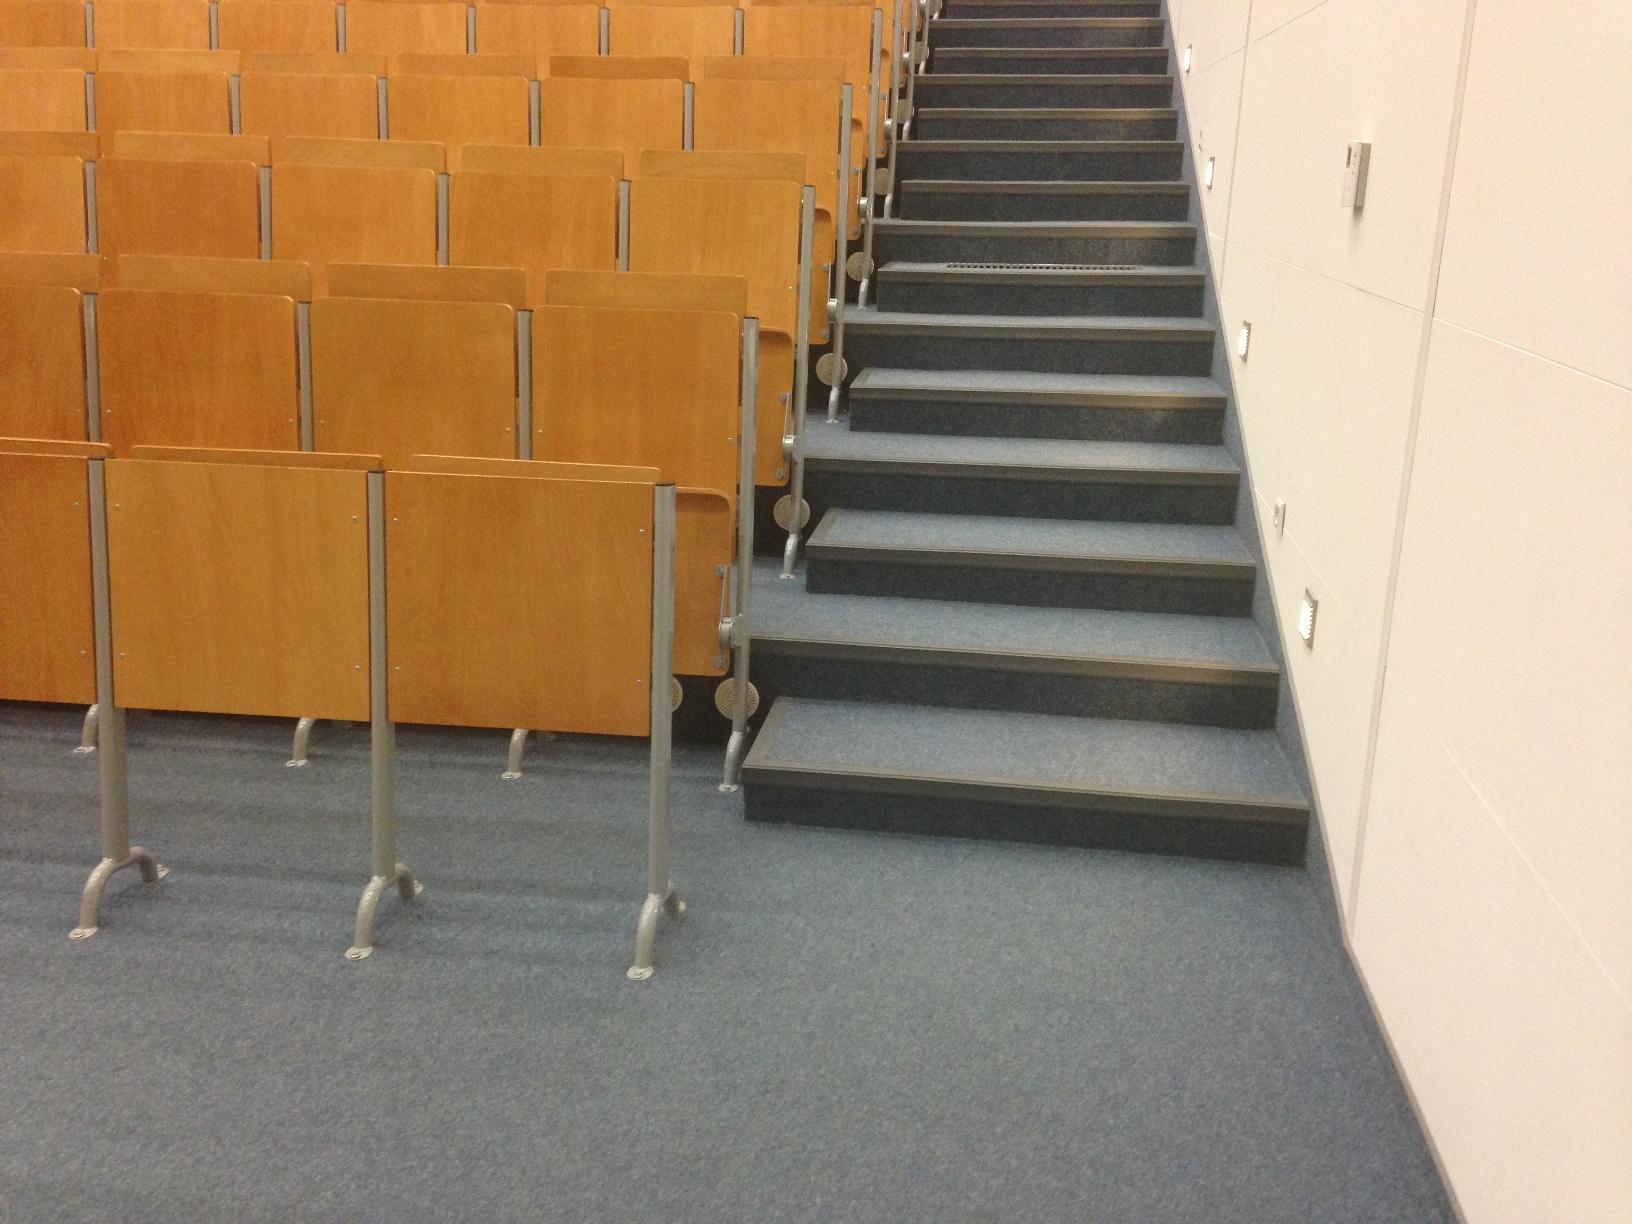 Mniejsza aula - brak wyznaczonych miejsc dla osób poruszających się na wózkach inwalidzkich